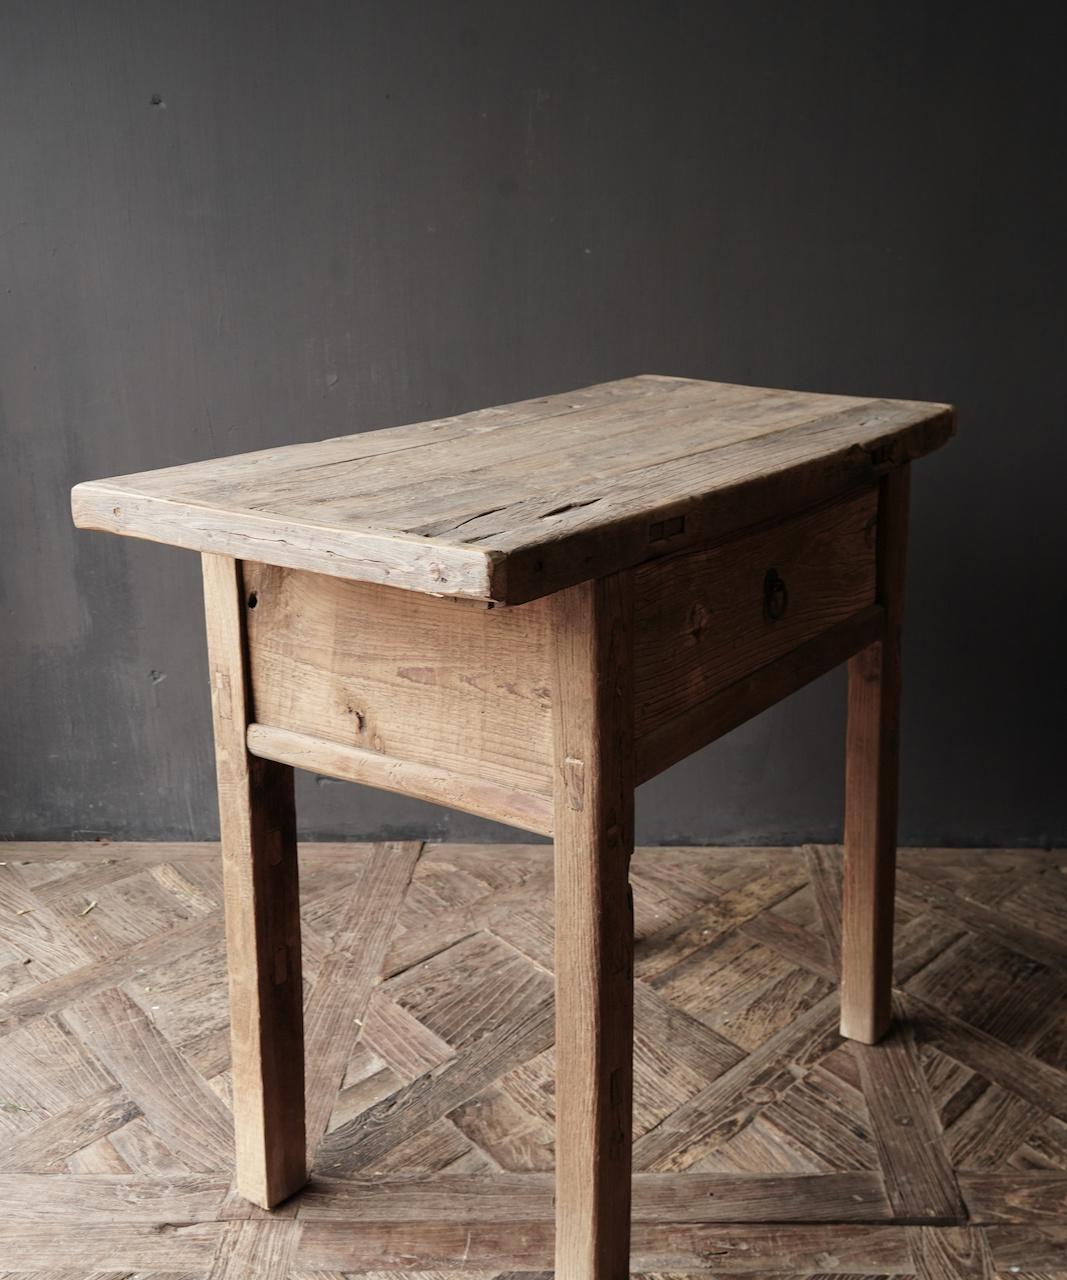 Alter Beistelltisch aus Stoer Elmwood / Ulmenholz Wandtisch mit Schublade-5